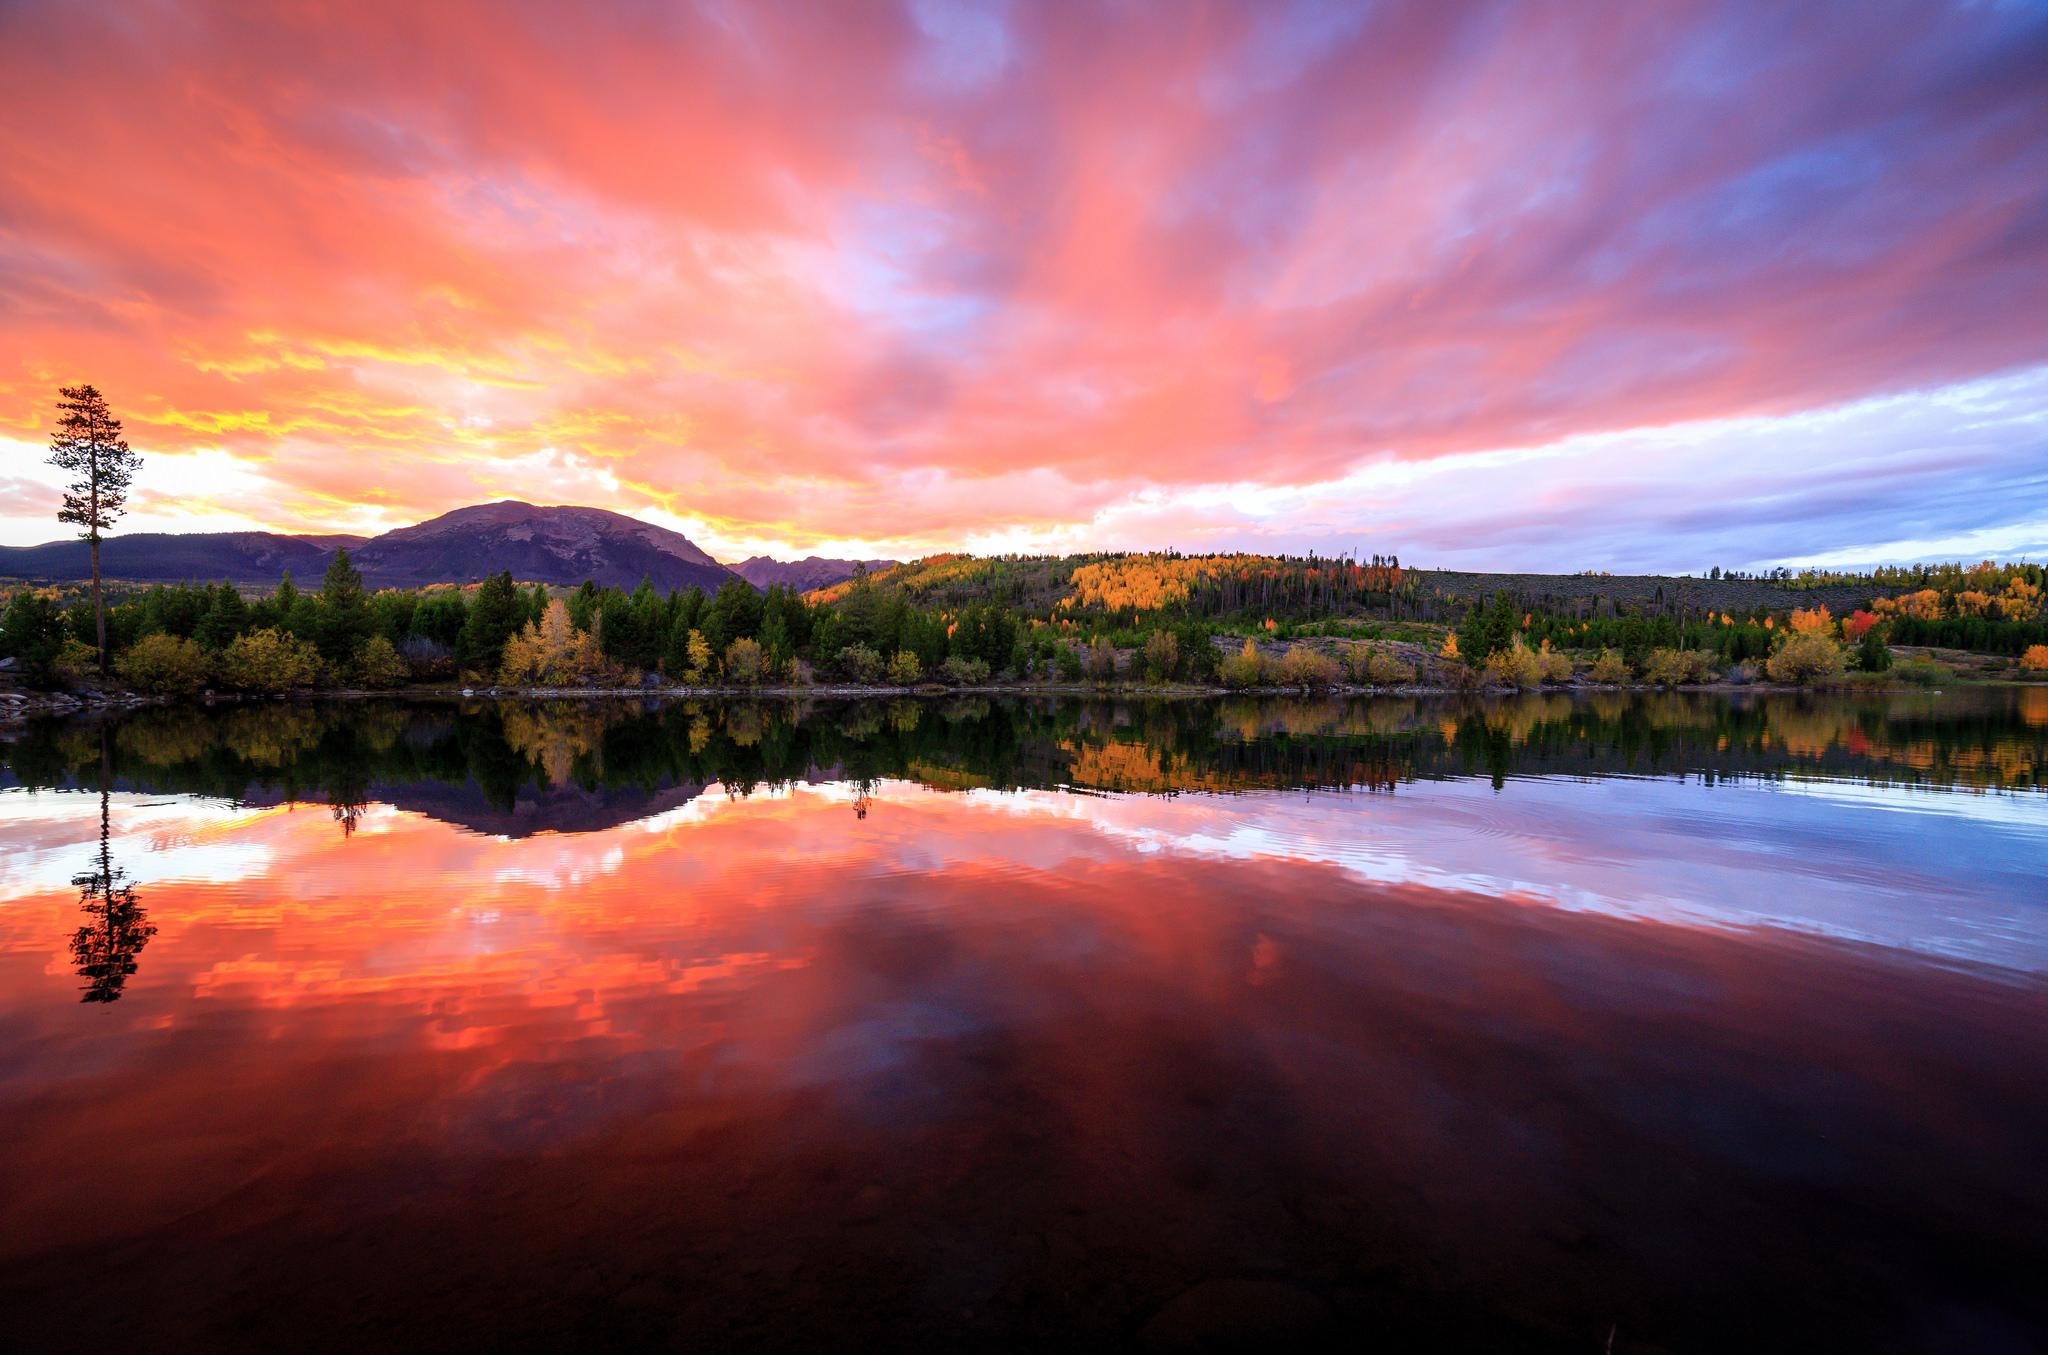 Bellos reflejos en un lago - 2048x1355